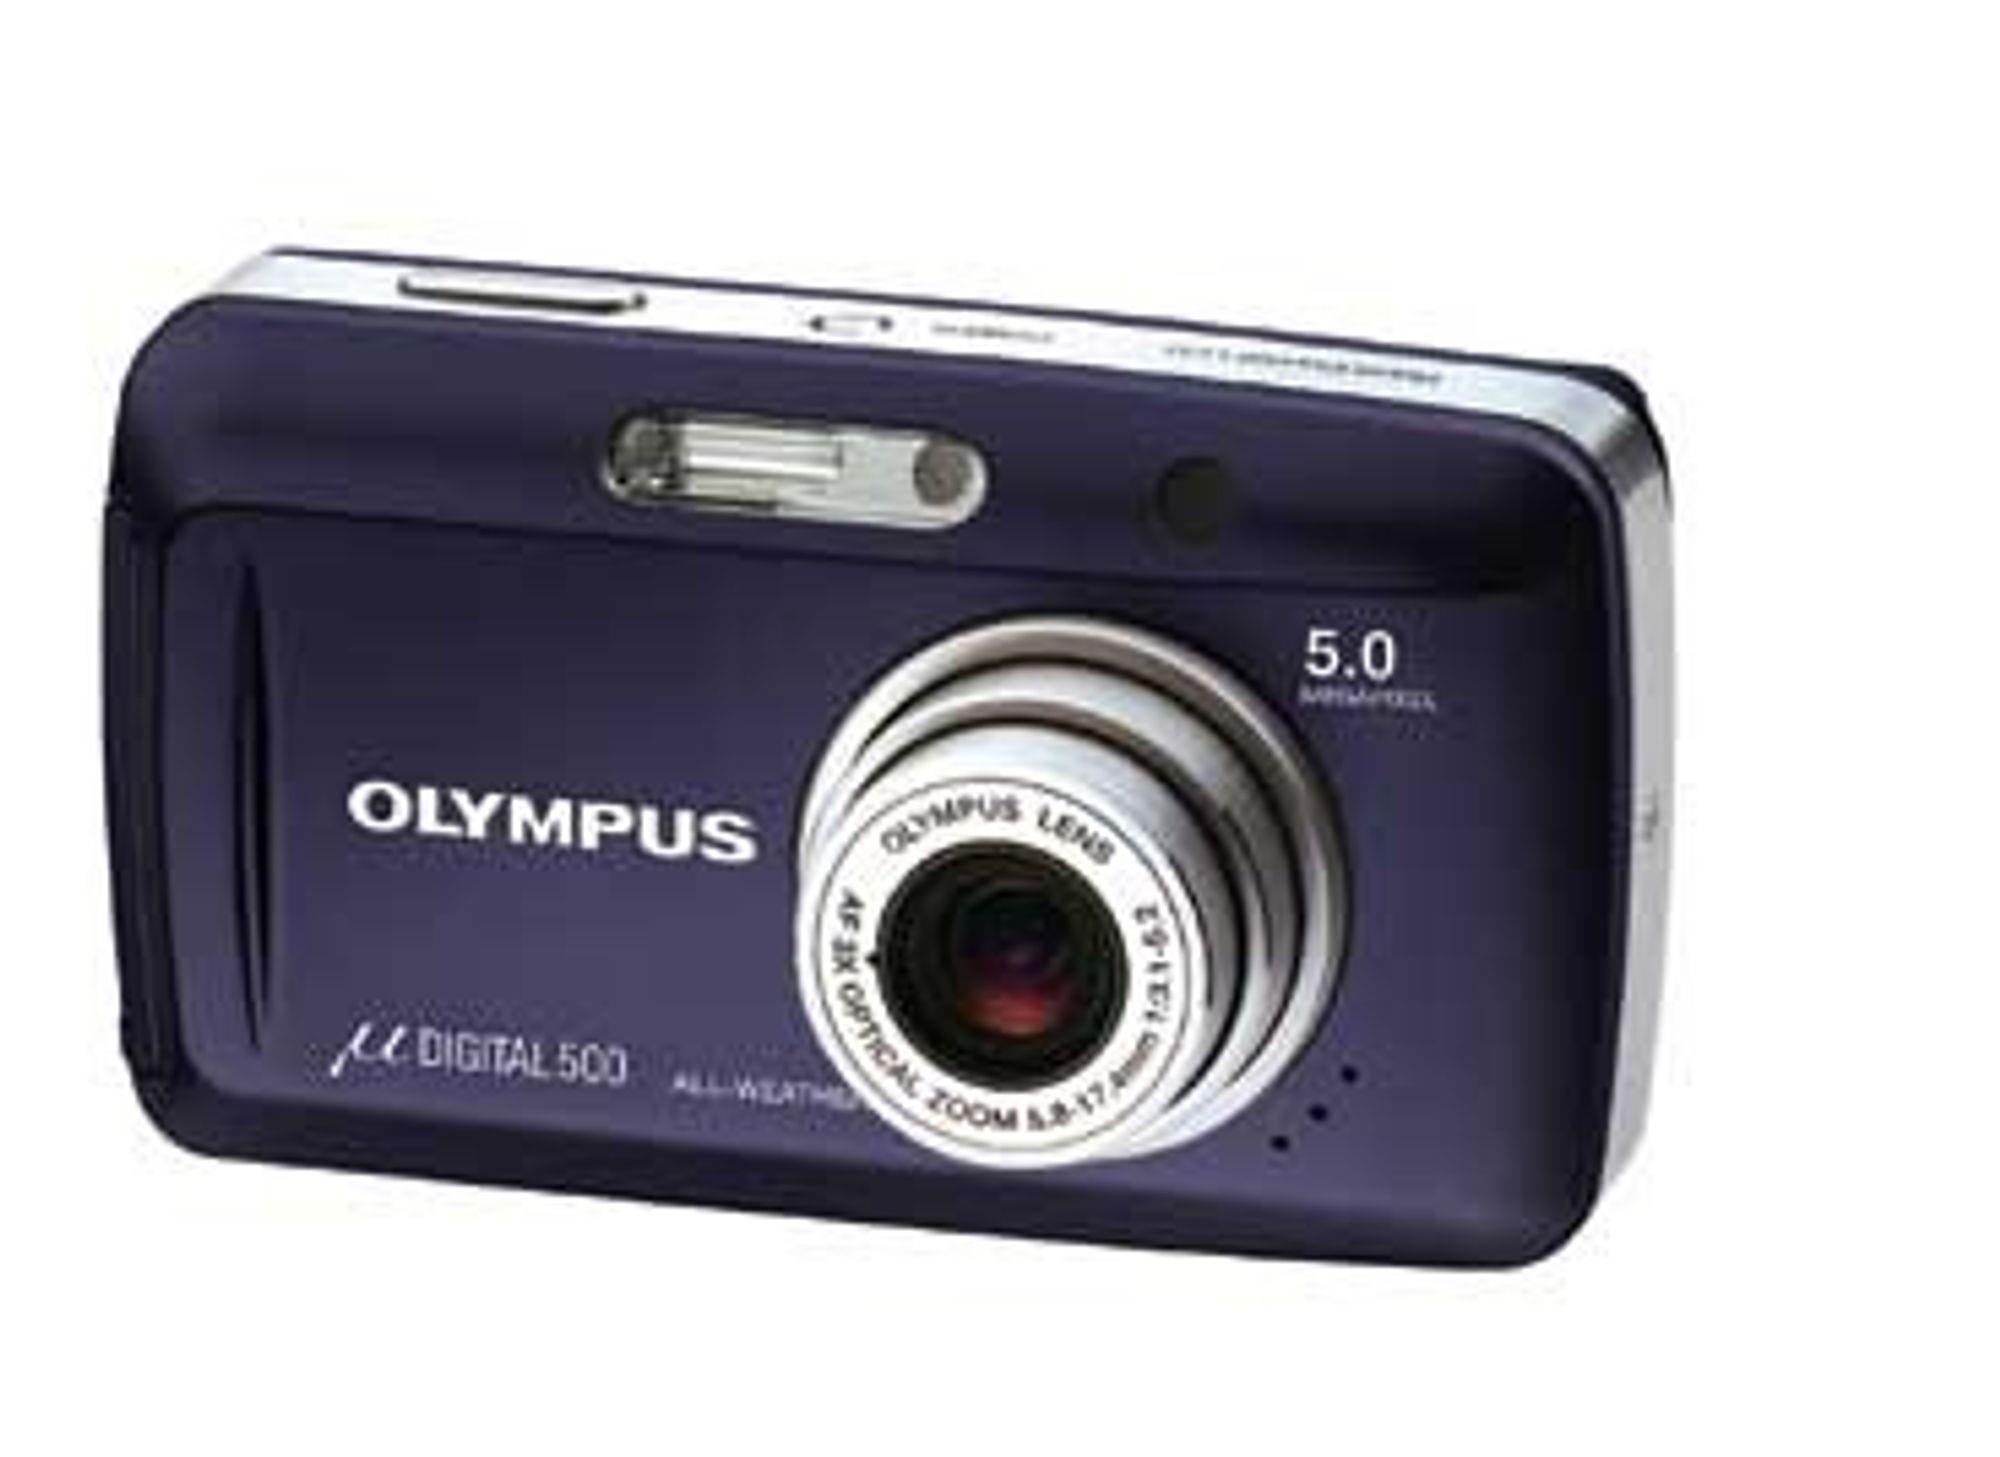 VELG FARGE: Så lenge du holder deg til sølv eller marineblått kan du selv velge farge på den nye Olympus µ DIGITAL 500.